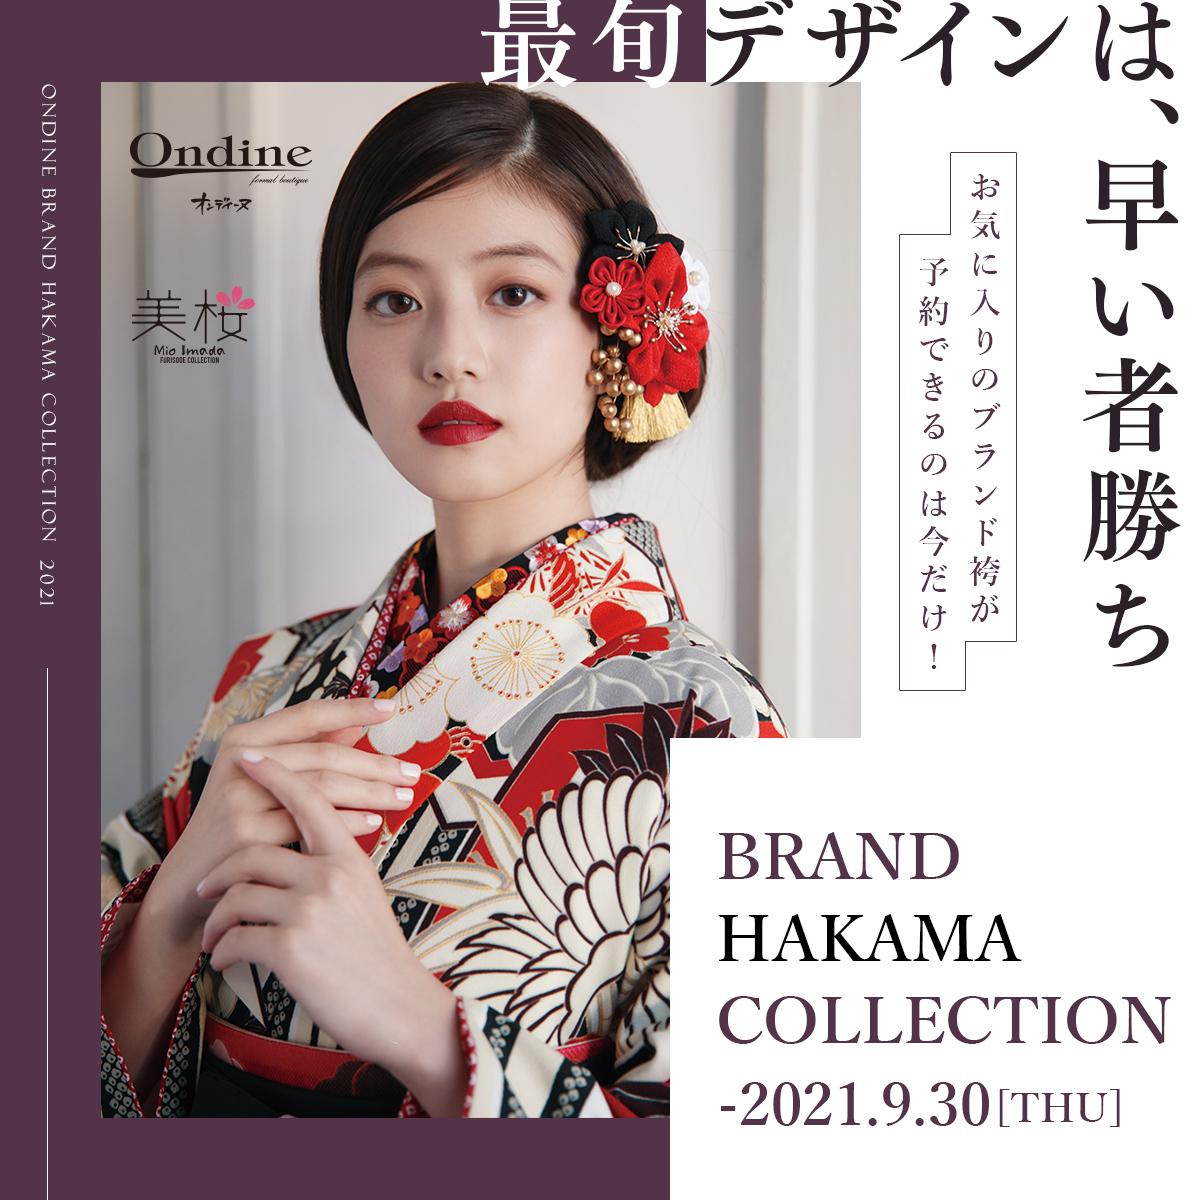 【千葉店】BRAND HAKAMA COLLECTION開催!